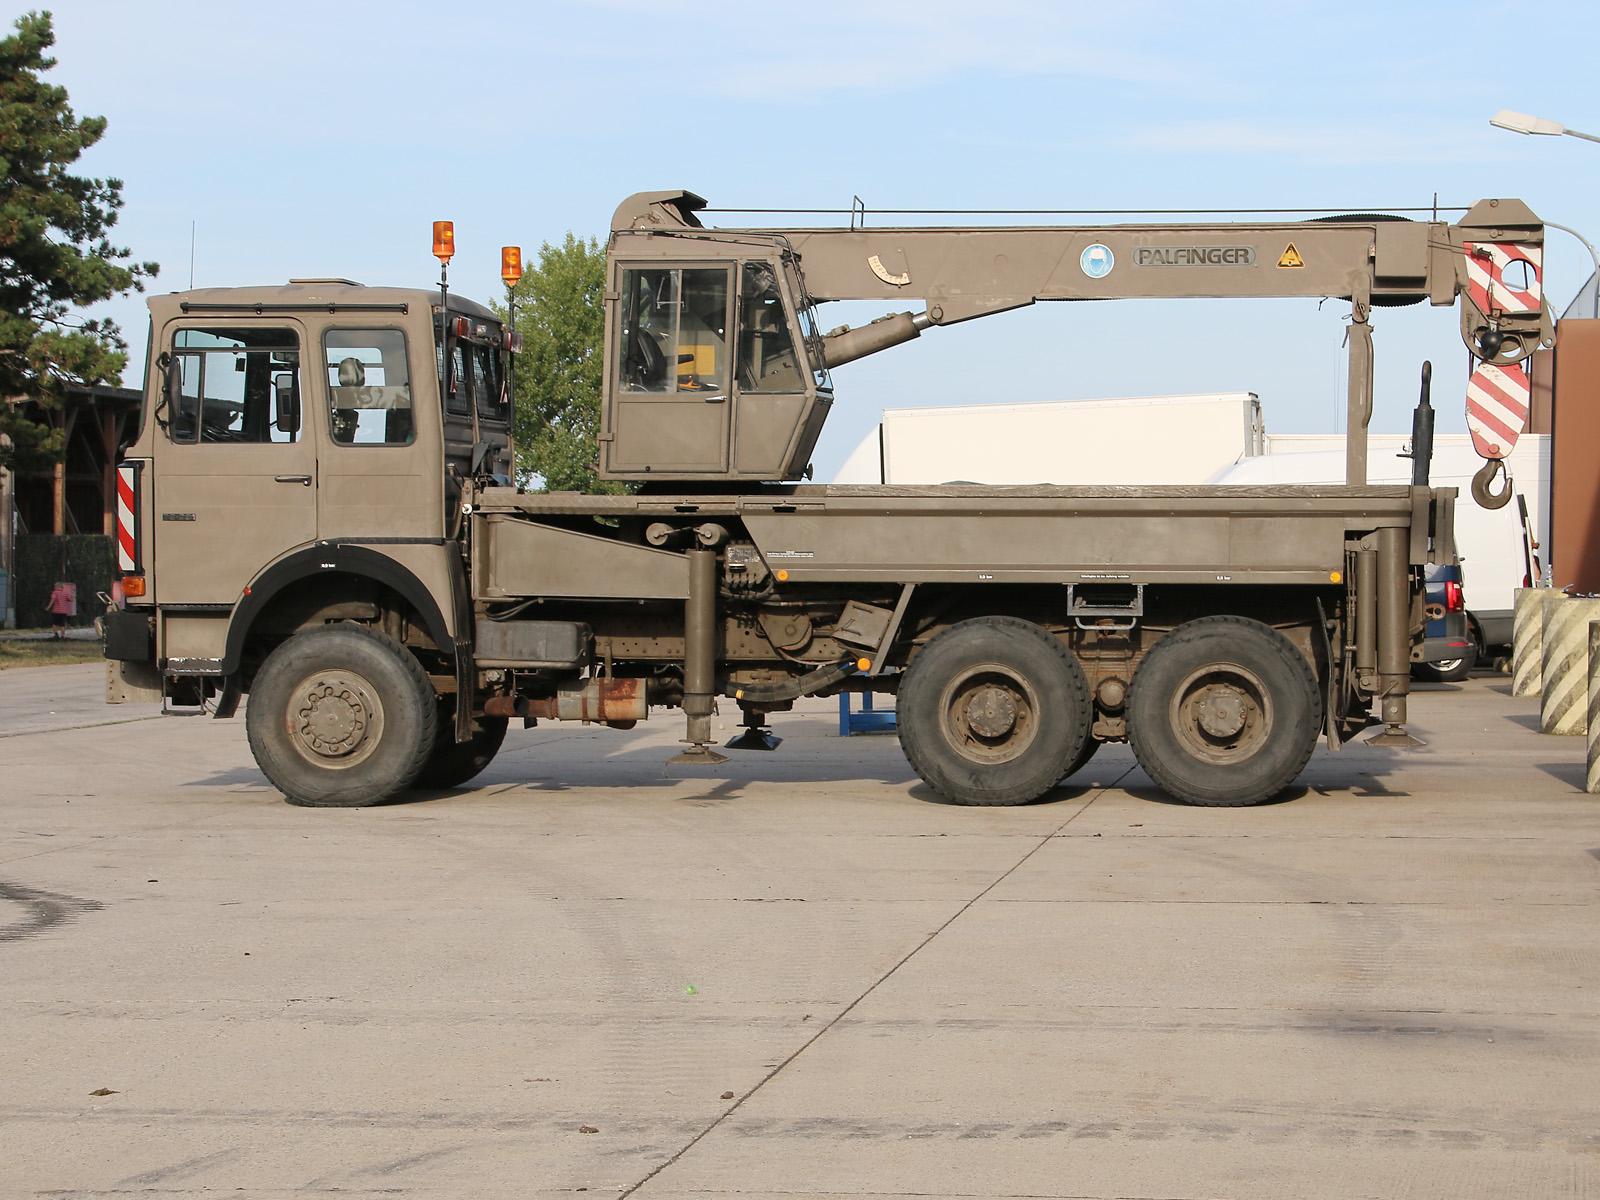 Geländegängiger Krankraftwagen ÖAF 32.281 FDA mit Teleskopkran PK 30,000 T und Doppelseilwinde © Doppeladler.com